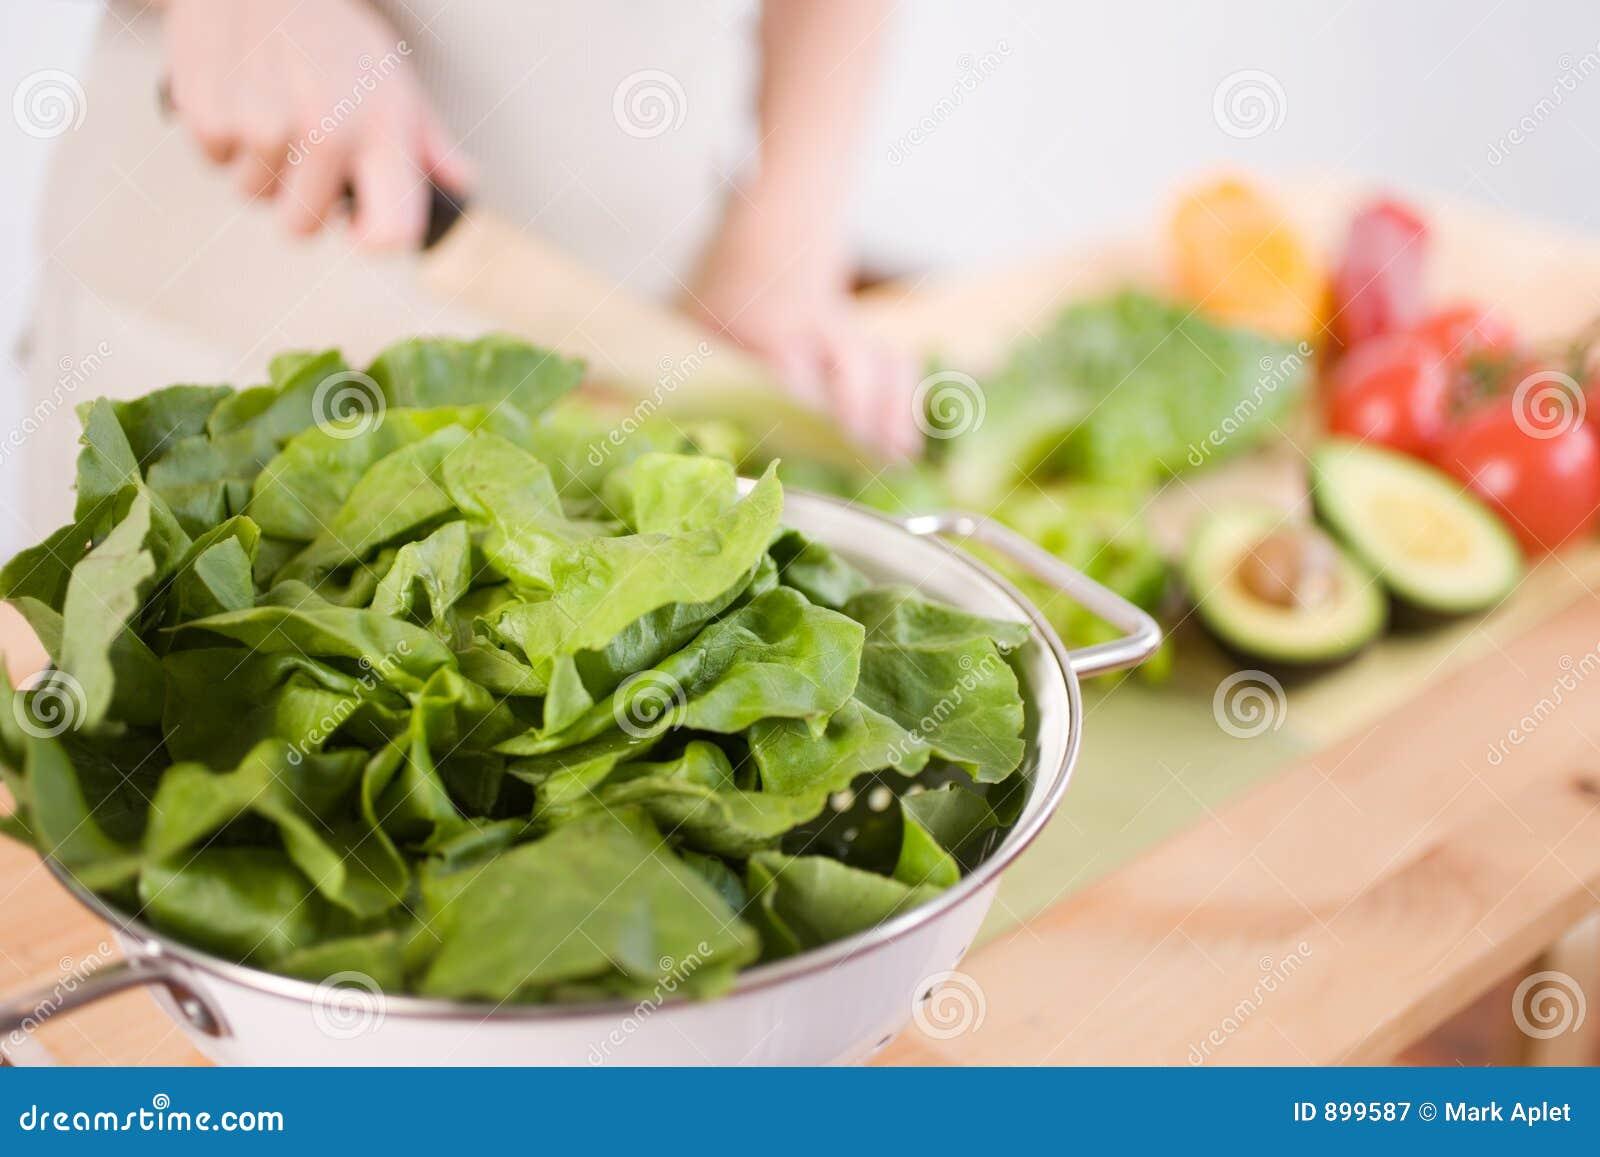 Przygotowanie sałatkę